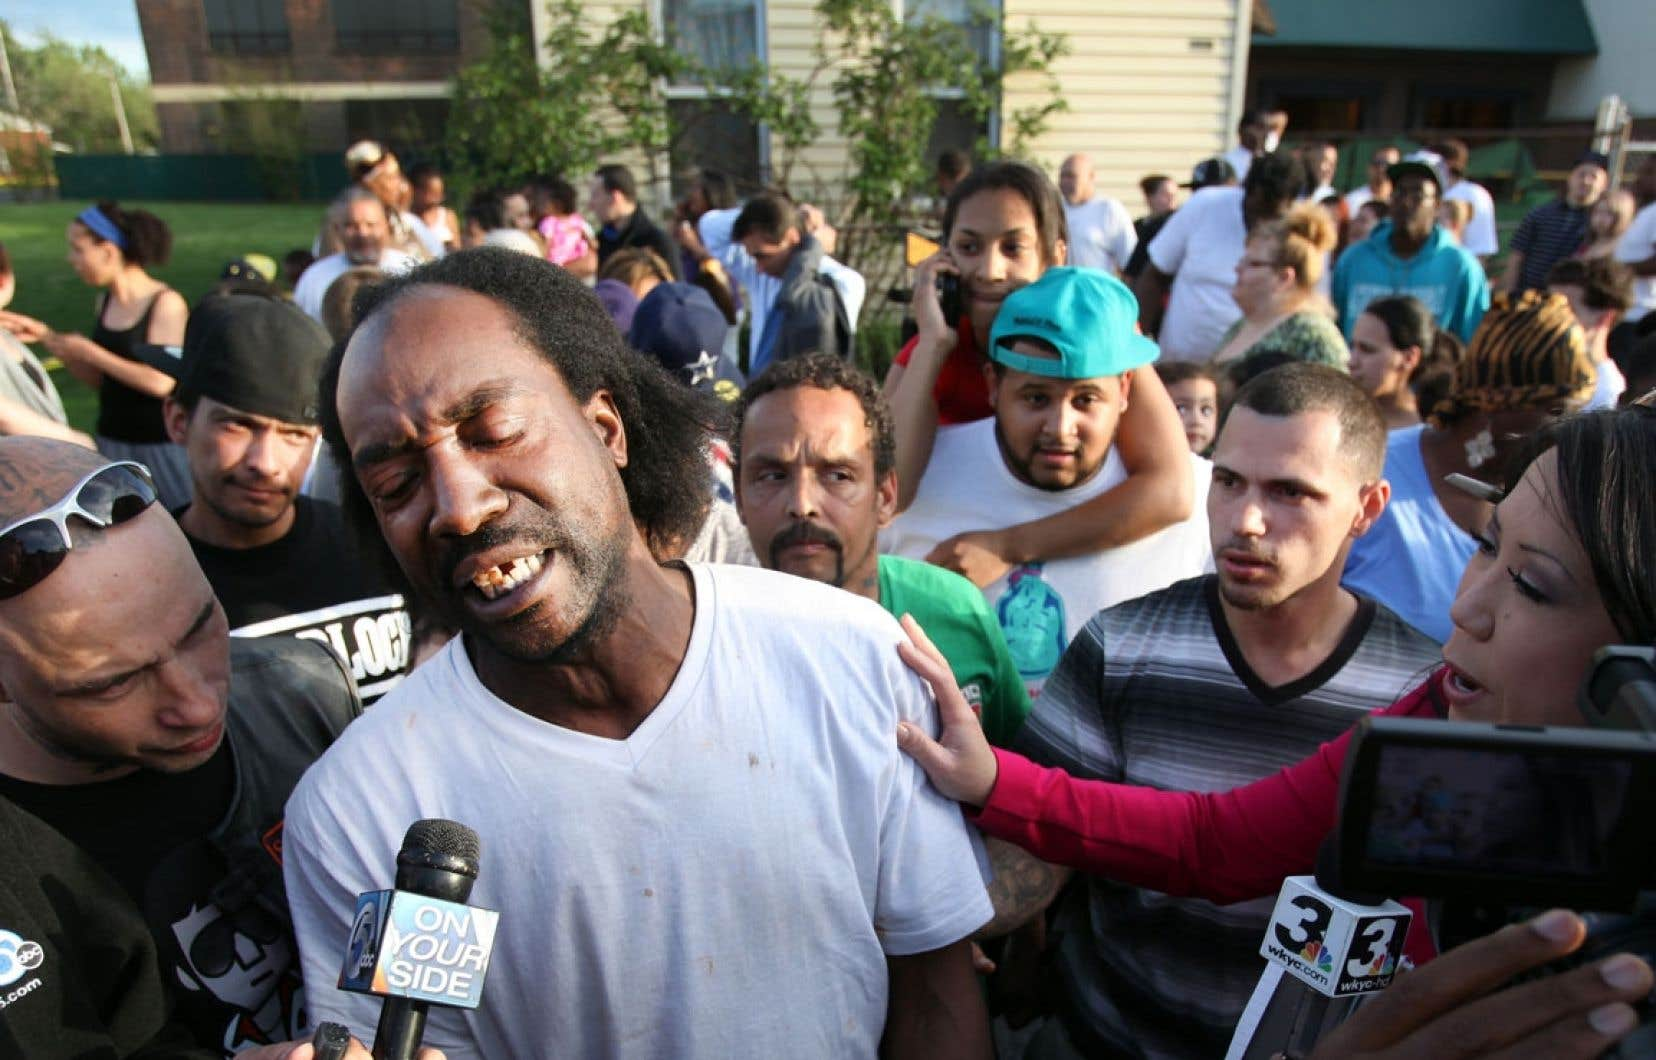 Charles Ramsey, le voisin énergique qui a libéré trois jeunes filles kidnappées à Cleveland, est devenu mardi, avec son accent plein de gouaille et ses formules-chocs, le chouchou des médias et des internautes américains, qui se repassent ses interviews en boucle.